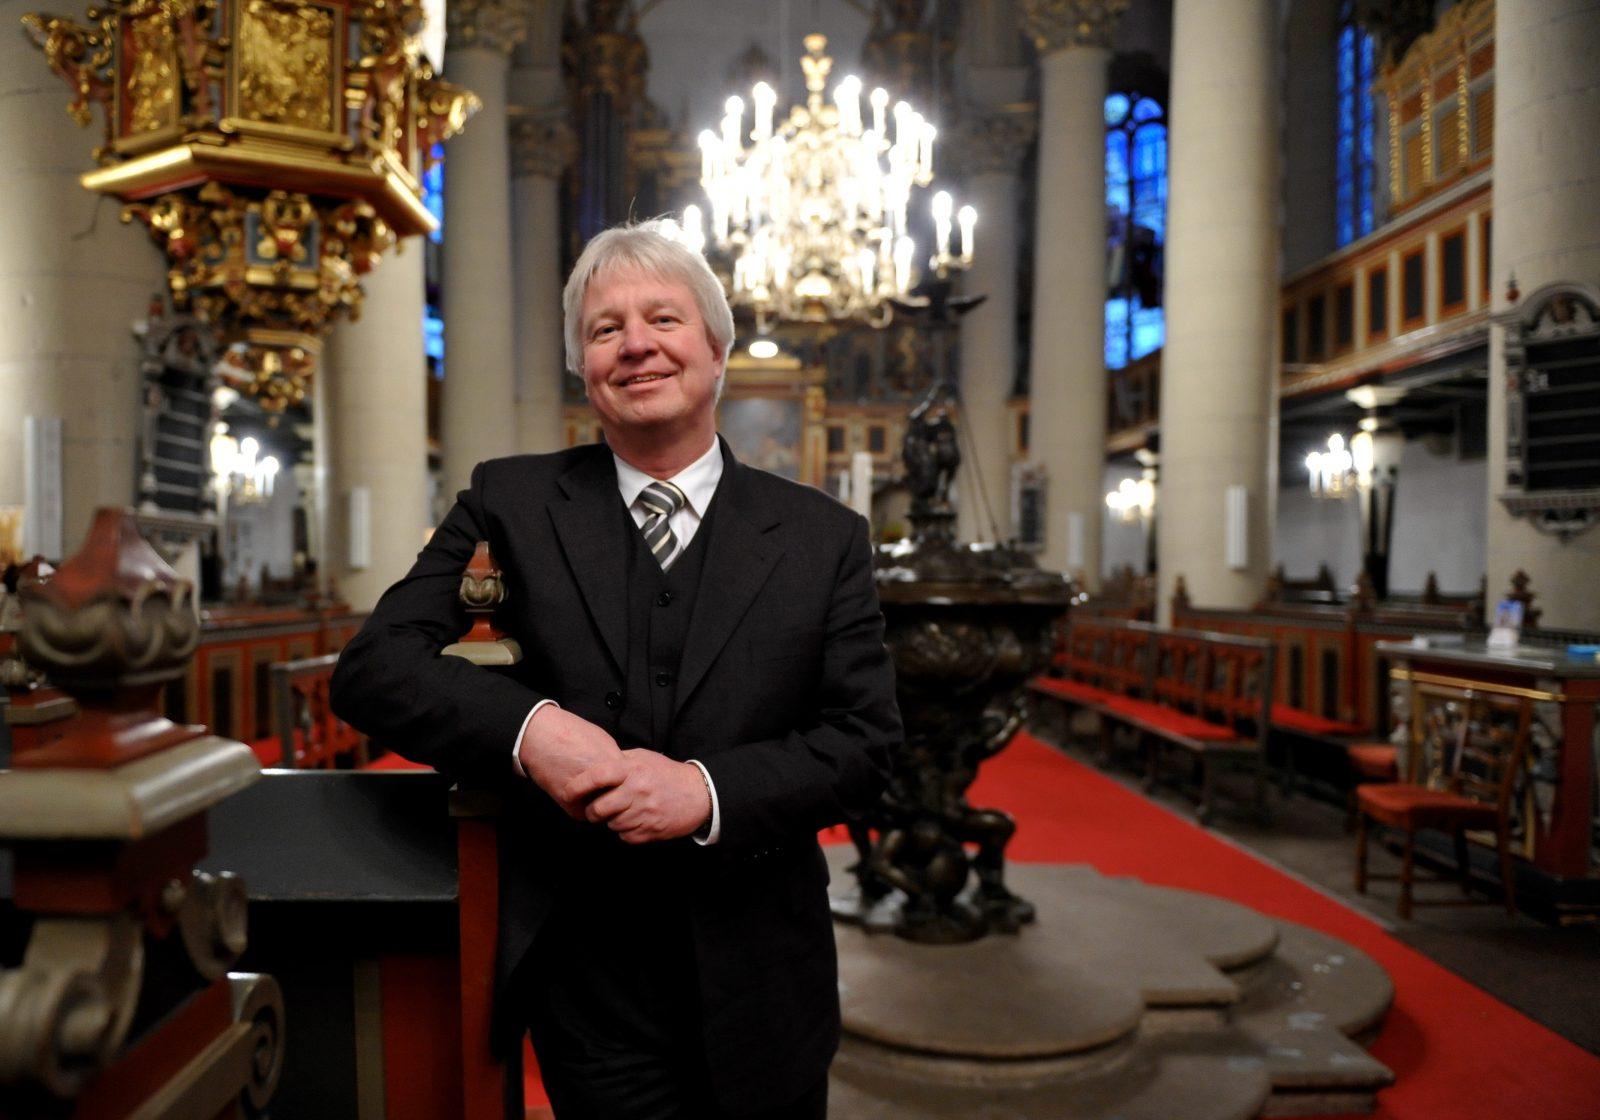 Landesbischof Karl-Hinrich Manzke: Letzte evangelische Landeskirche für Homo-Segnung